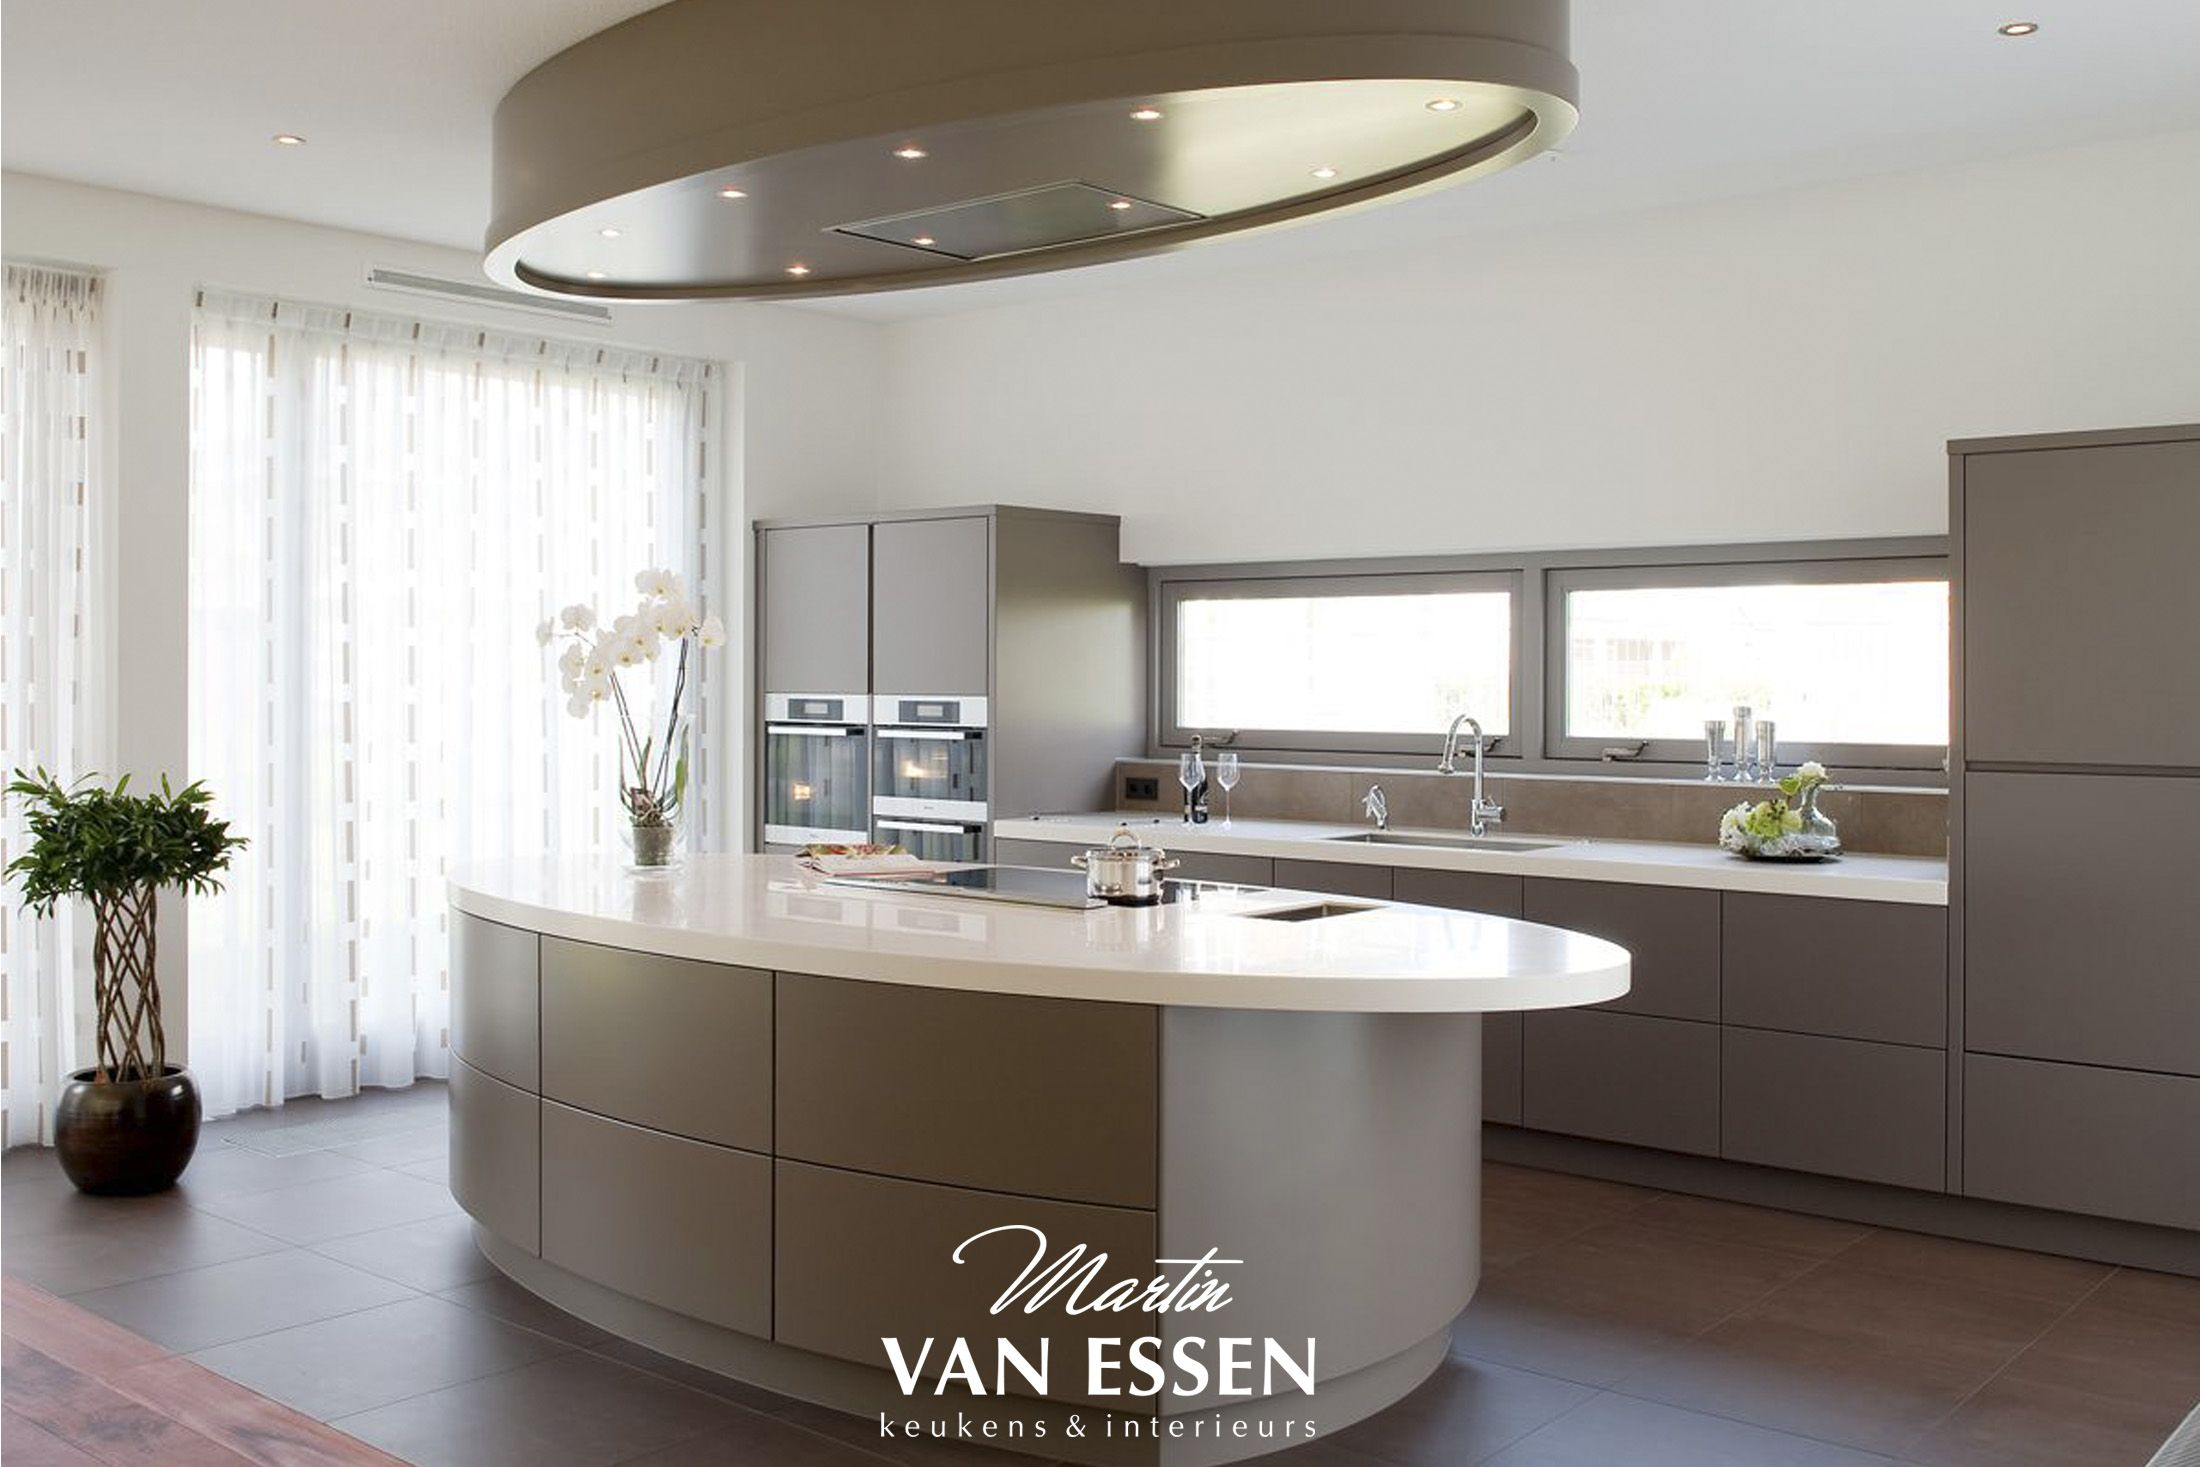 Een prachtige grijze keuken. modern met uniek kookeiland. helemaal